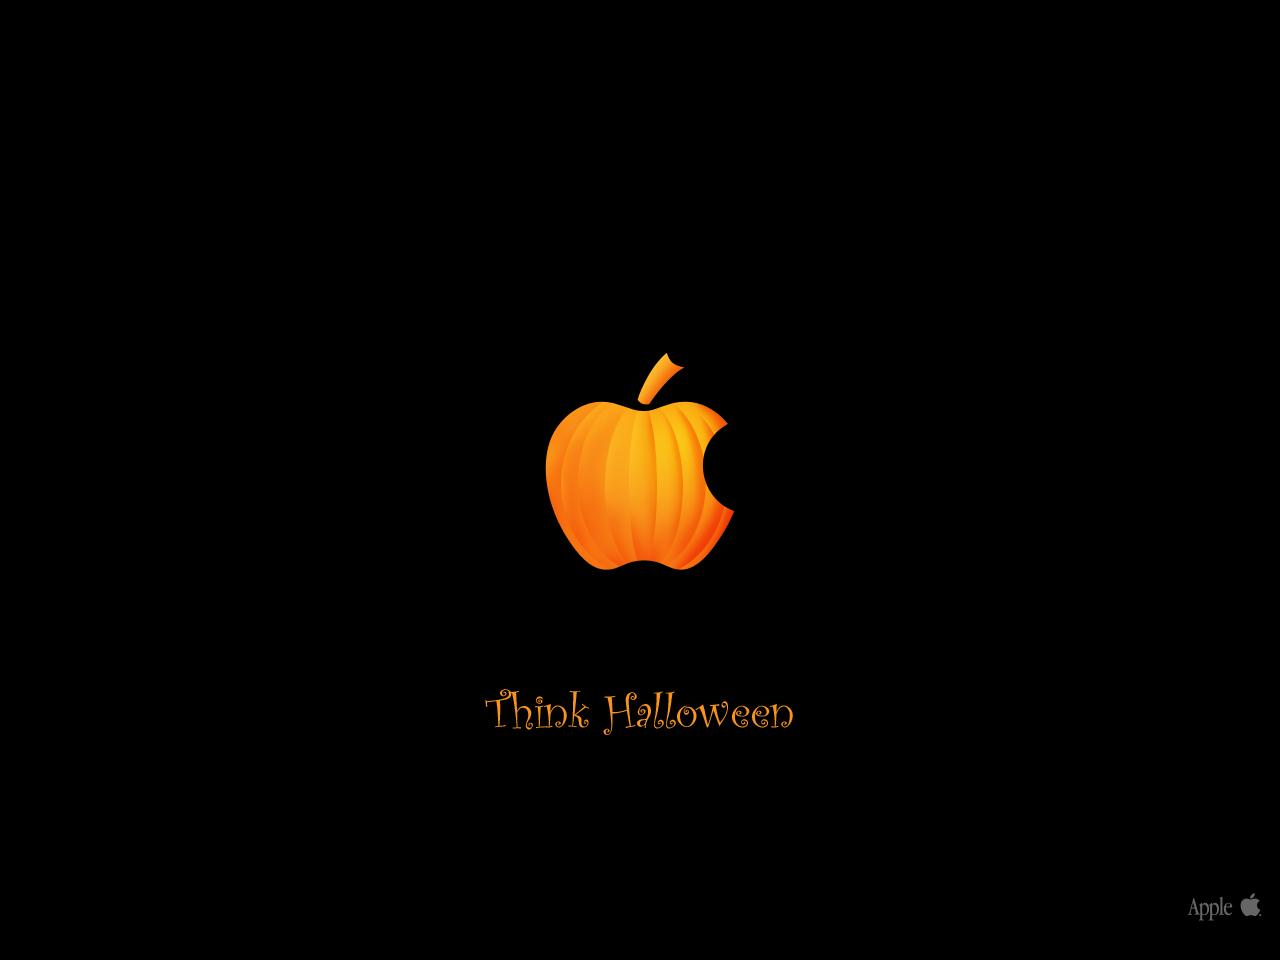 Think_Halloween_by_Zefhar